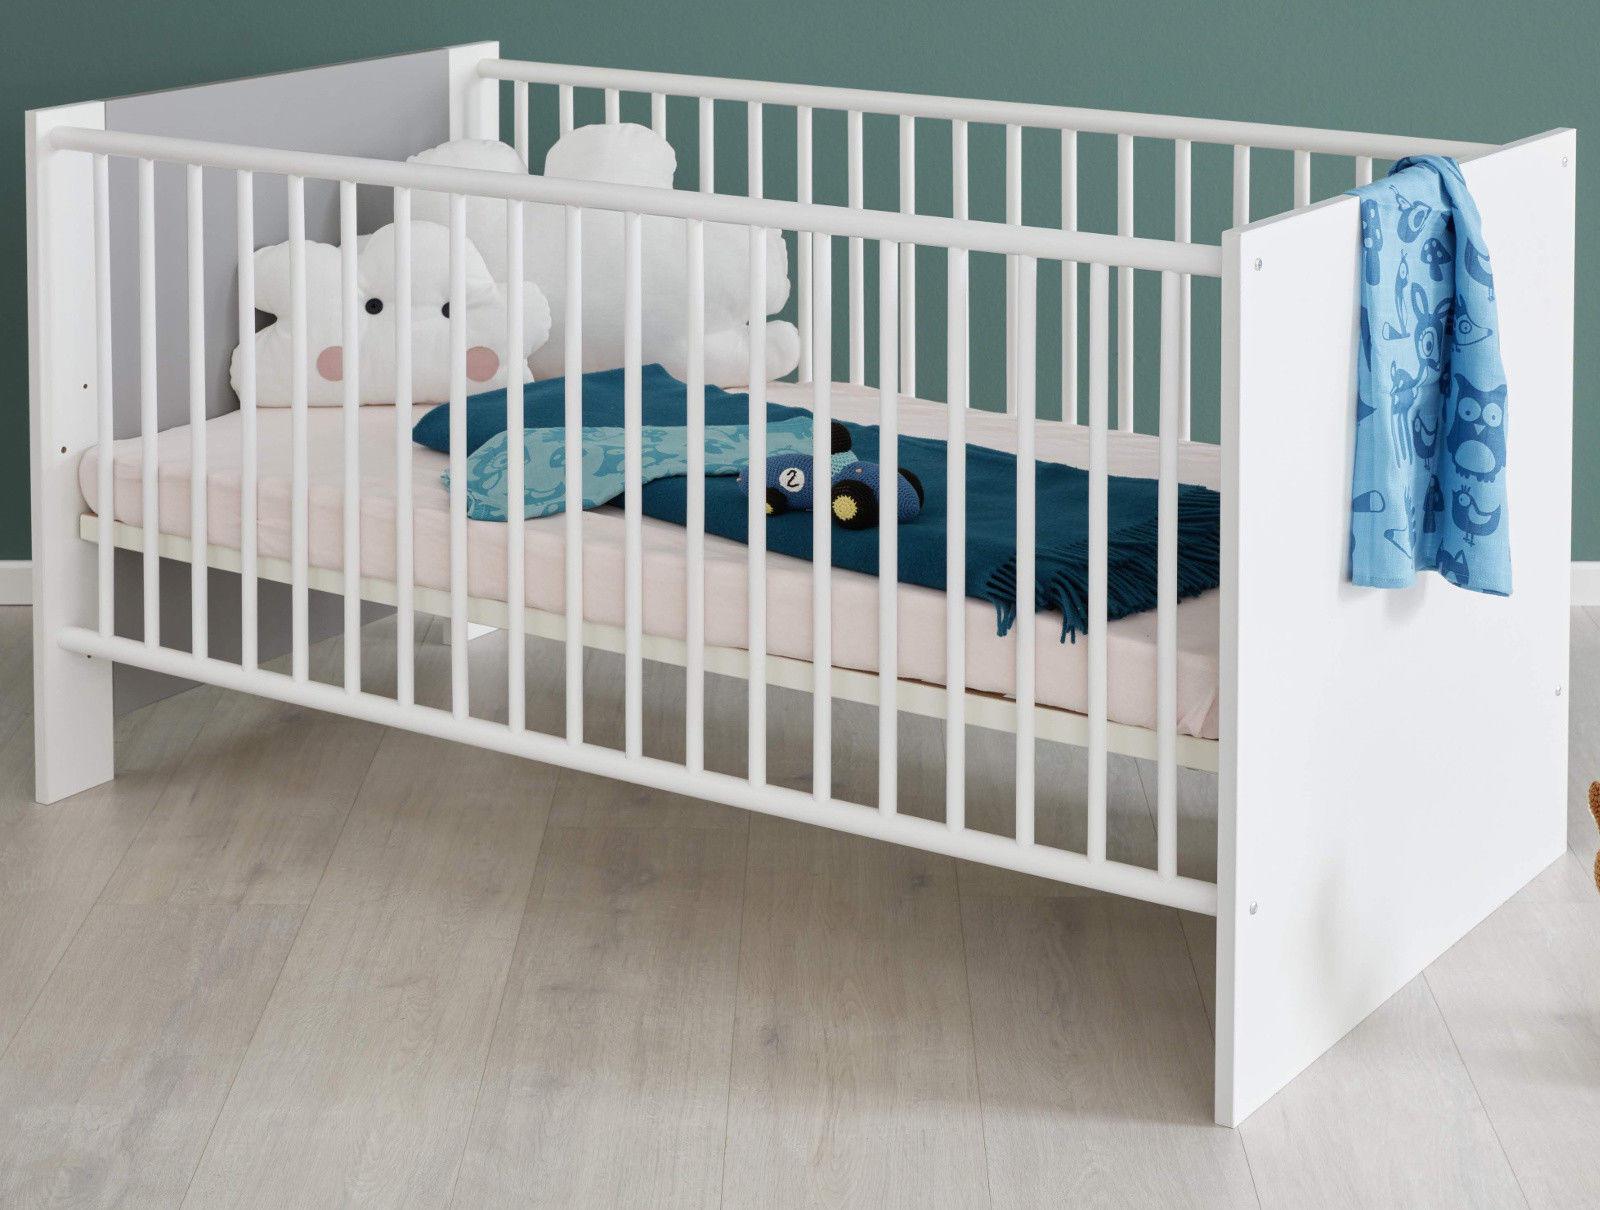 Aldi Süd: Babybett extrem günstig online kaufen